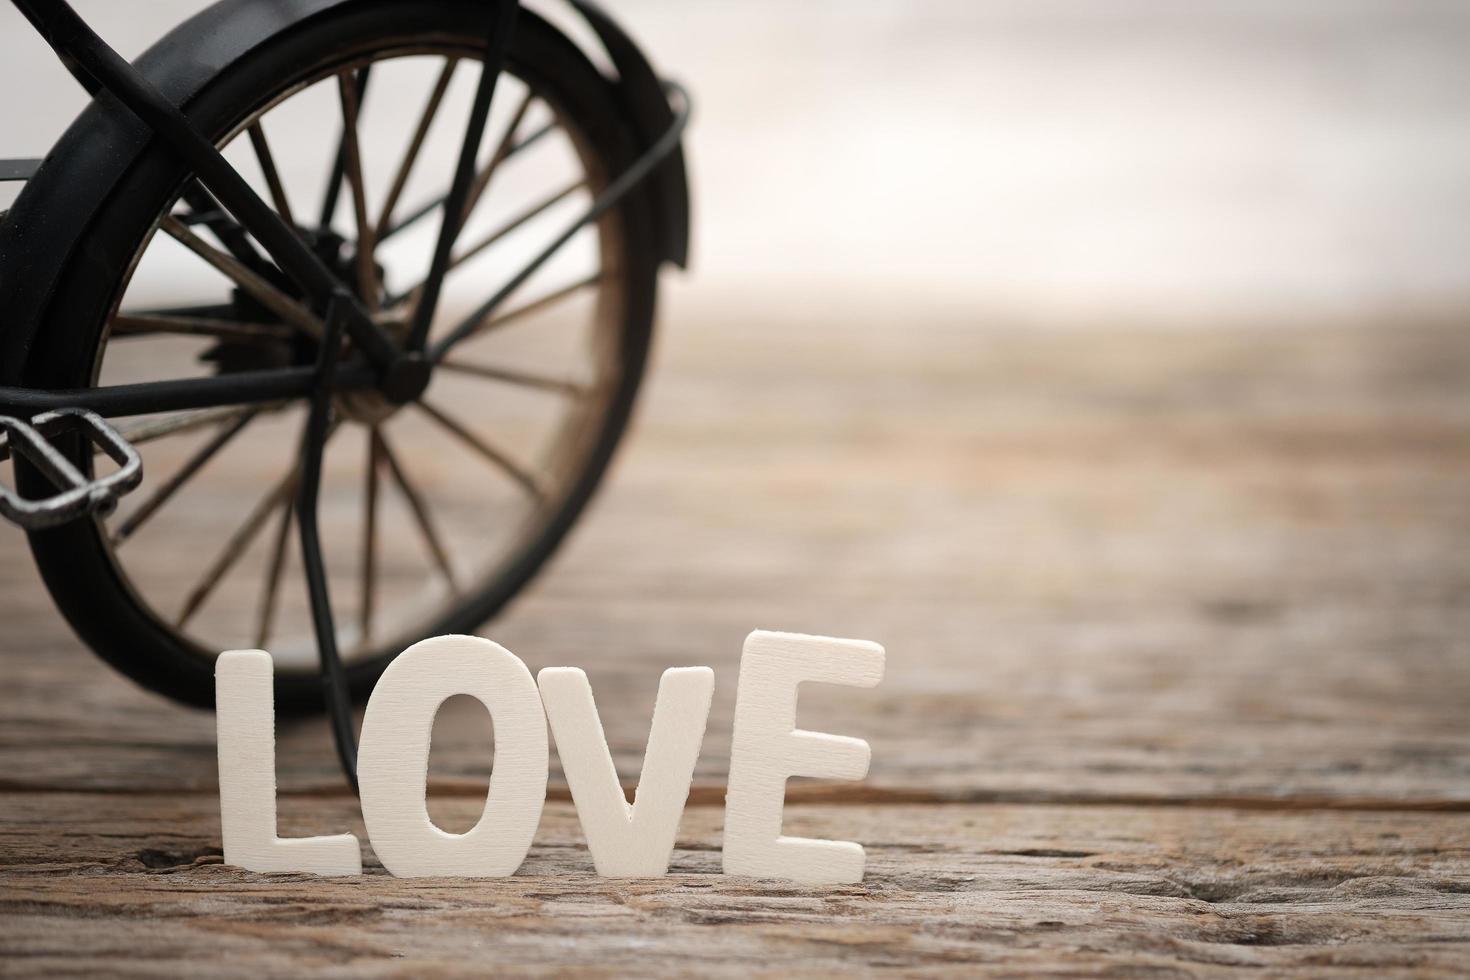 lettres d'amour et vélo jouet photo